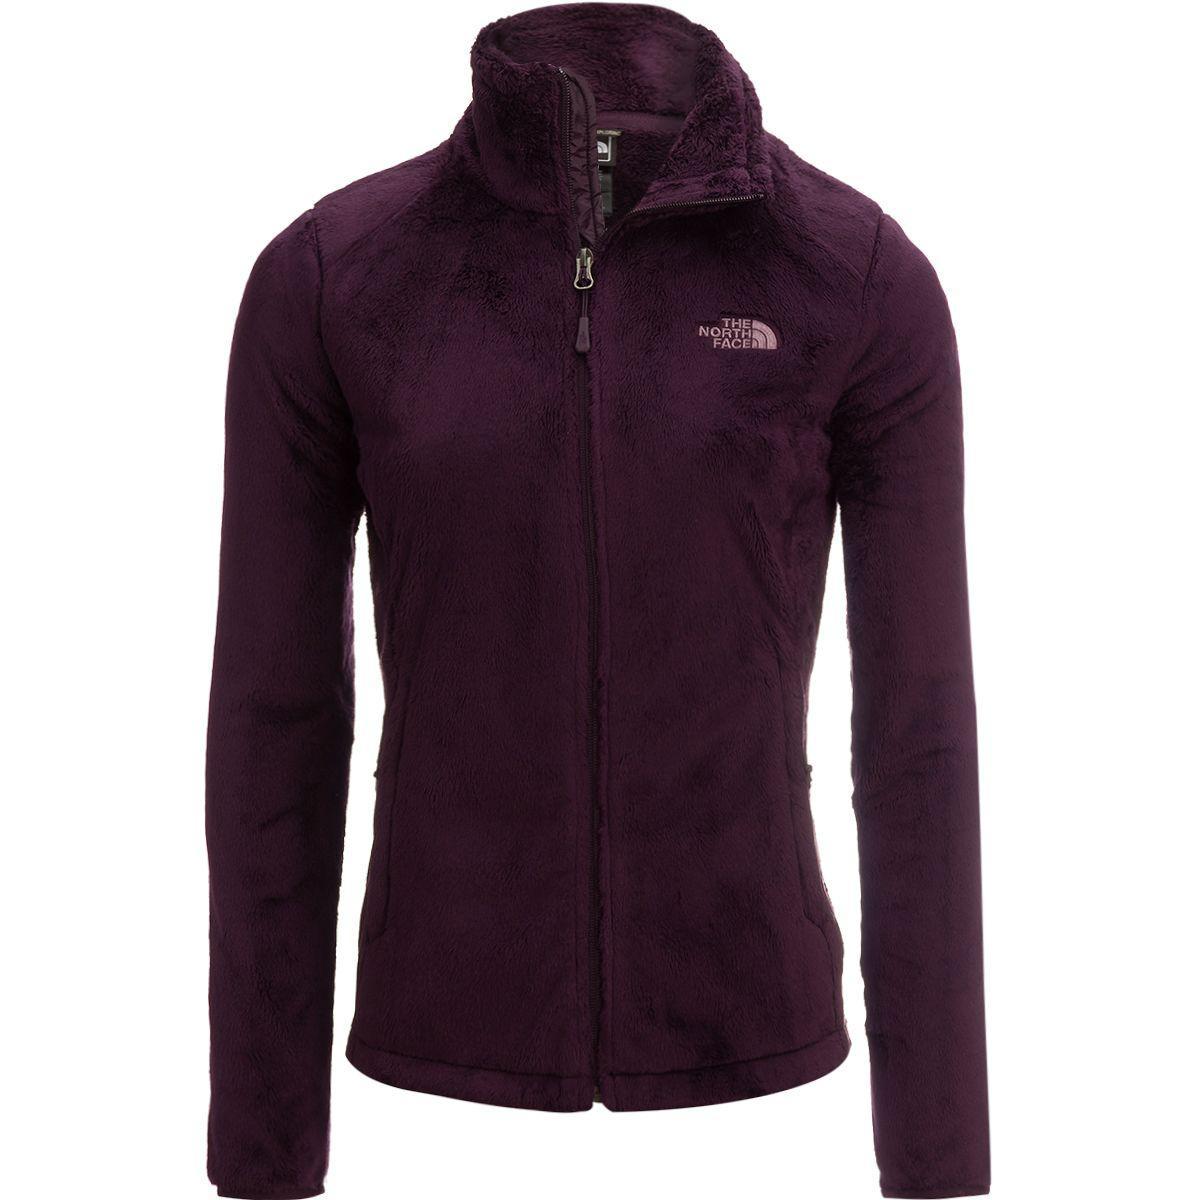 e67dd7c536f0 Lyst - The North Face Osito 2 Fleece Jacket in Purple